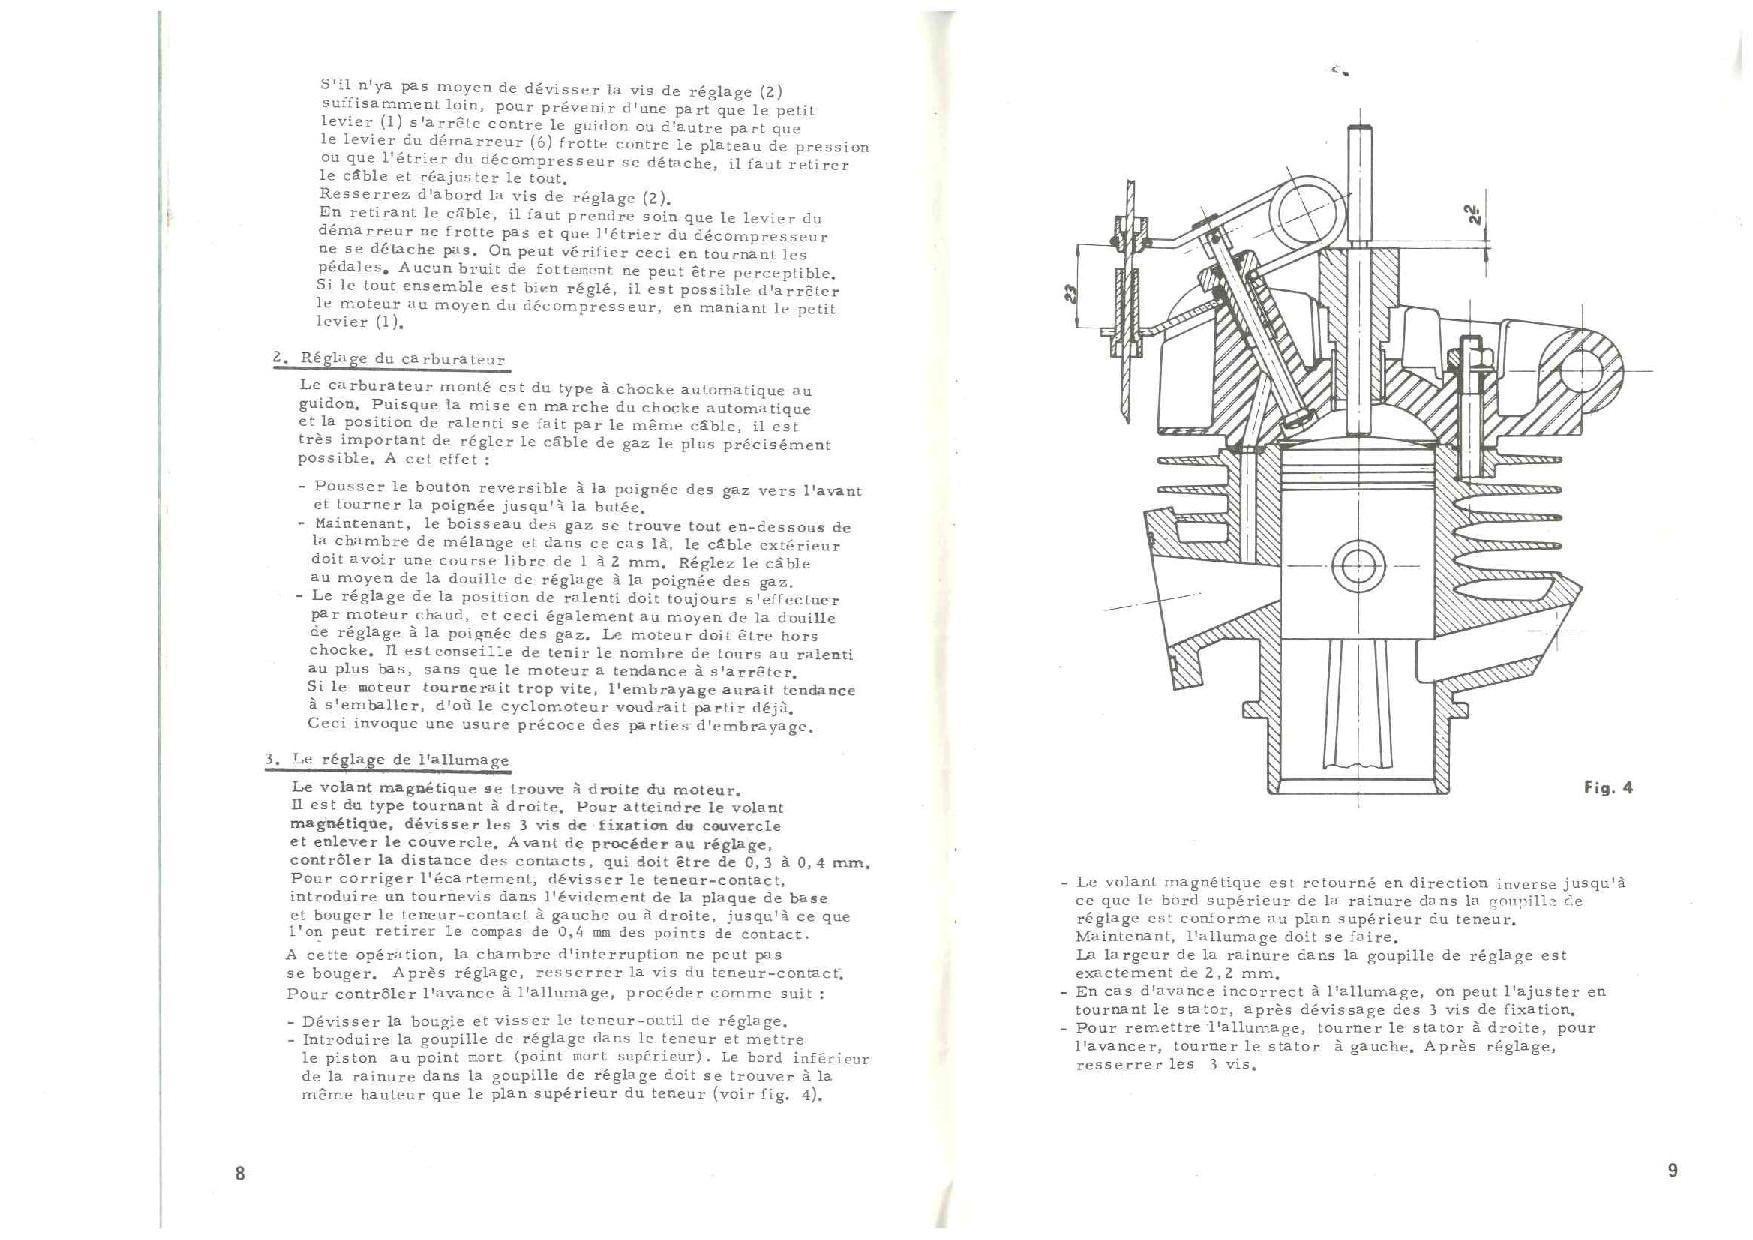 Calage allumage sur flandria apollo. PWYbMb-reglage-allumage-moteur-mono